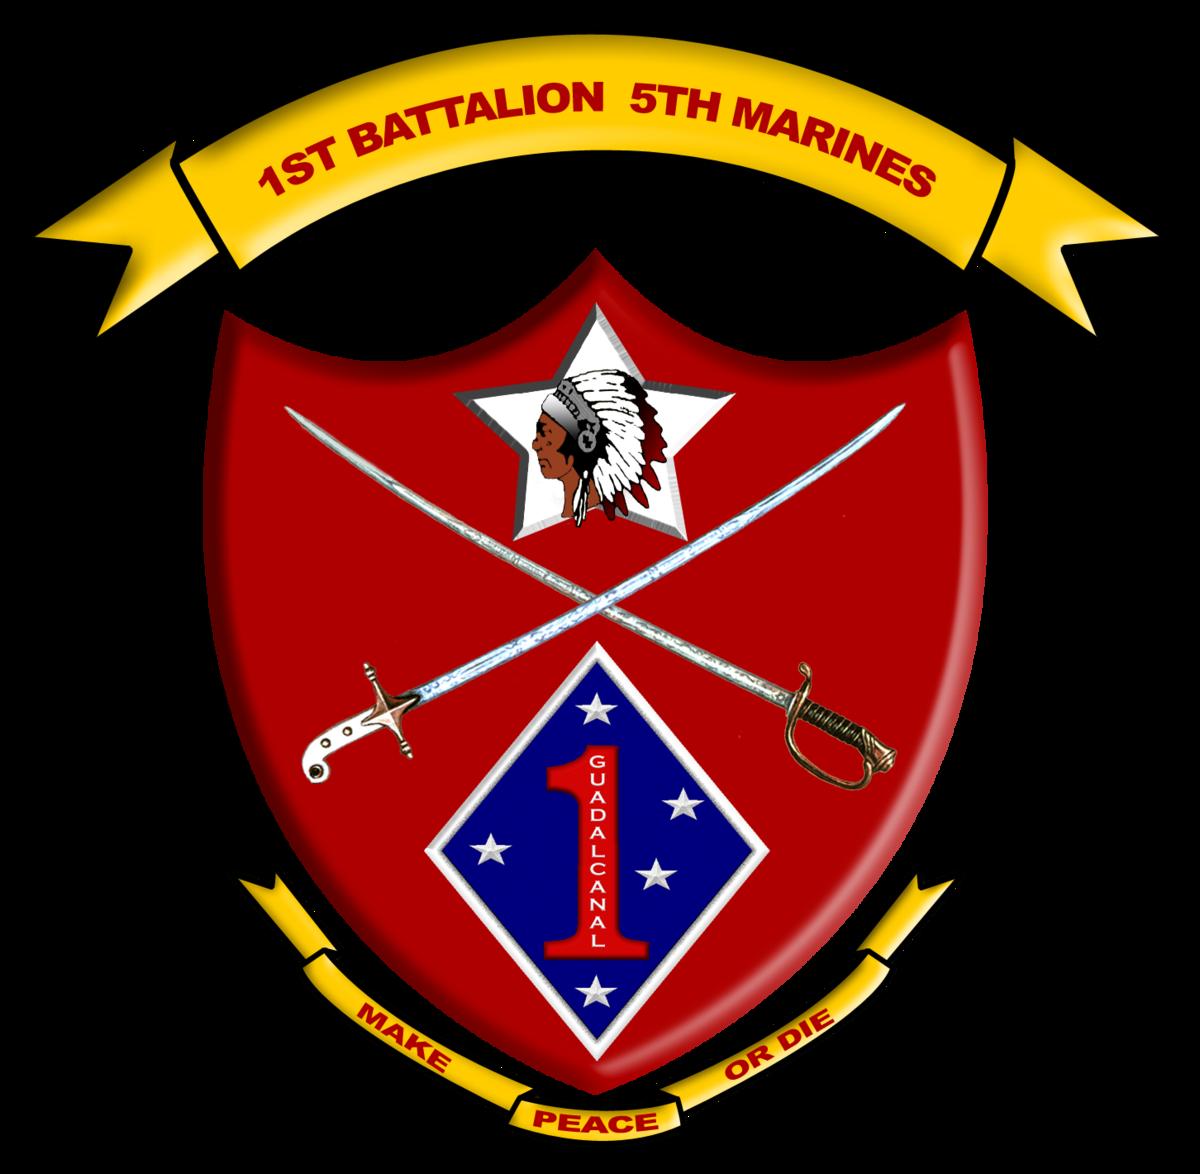 1st Battalion 5th Marines Wikipedia